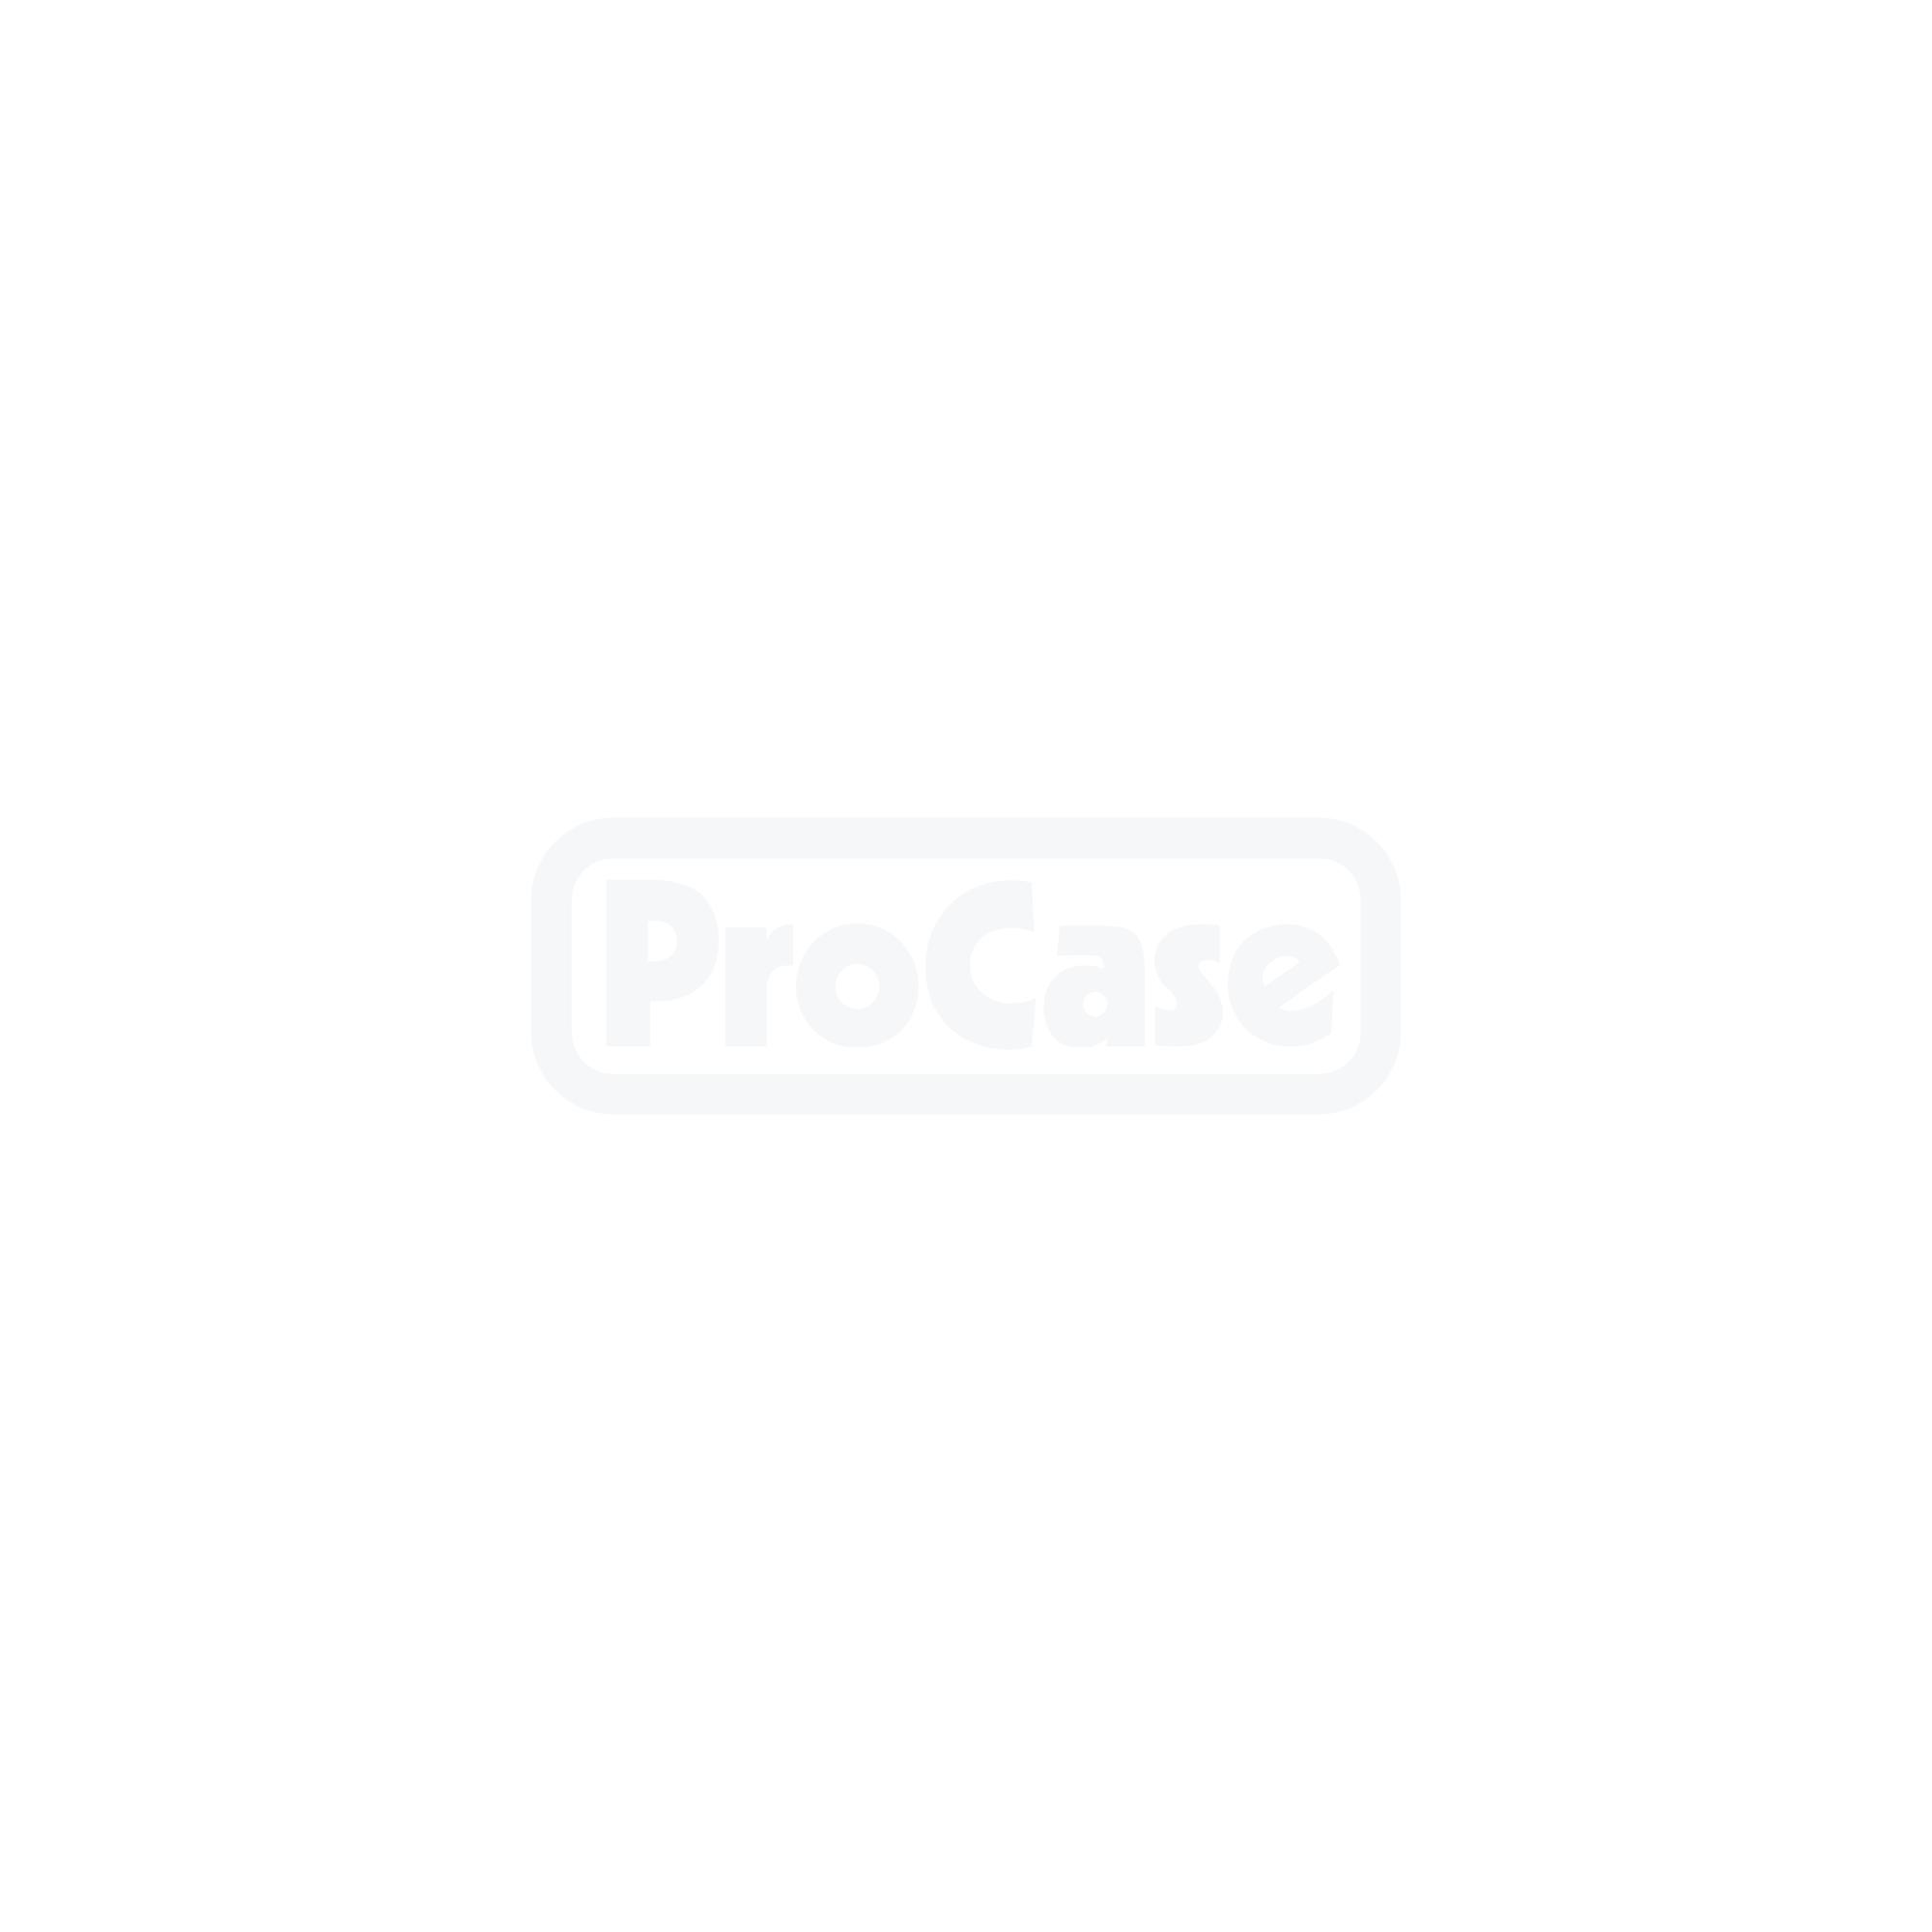 QSD Stack-Rack 6HE 600 tief 5